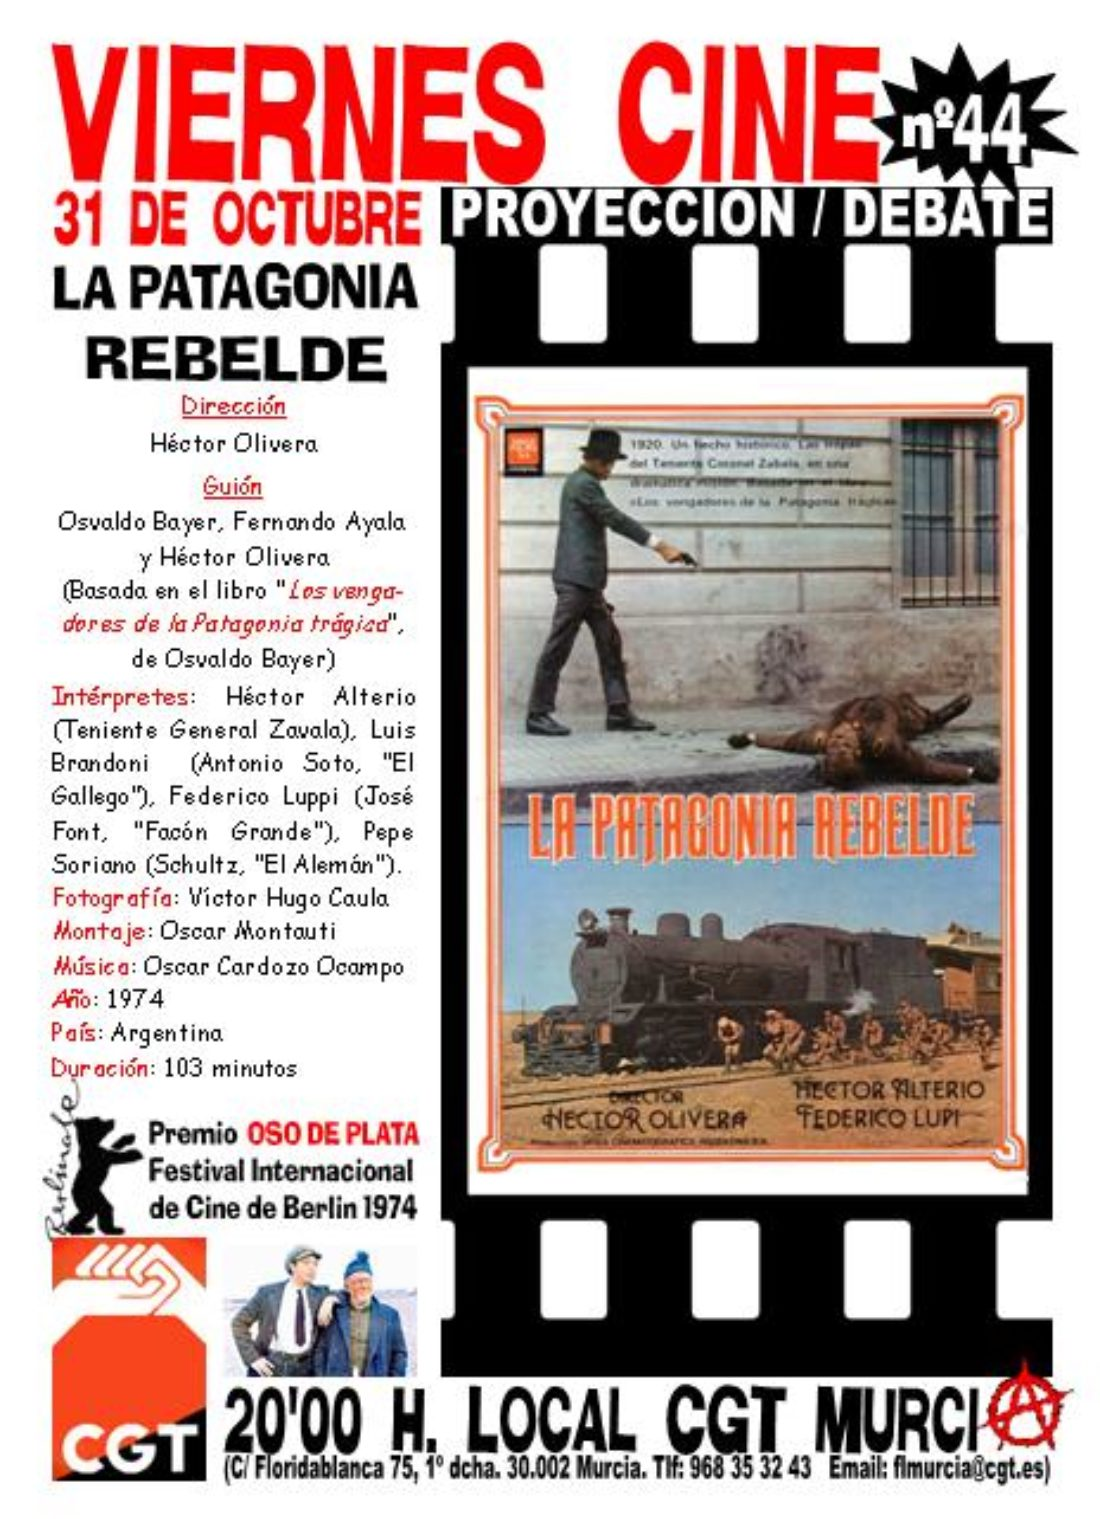 VIERNES CINE. El 31 de octubre LA PATAGONIA REBELDE a las 20'00 h. en el local de CGT en Murcia